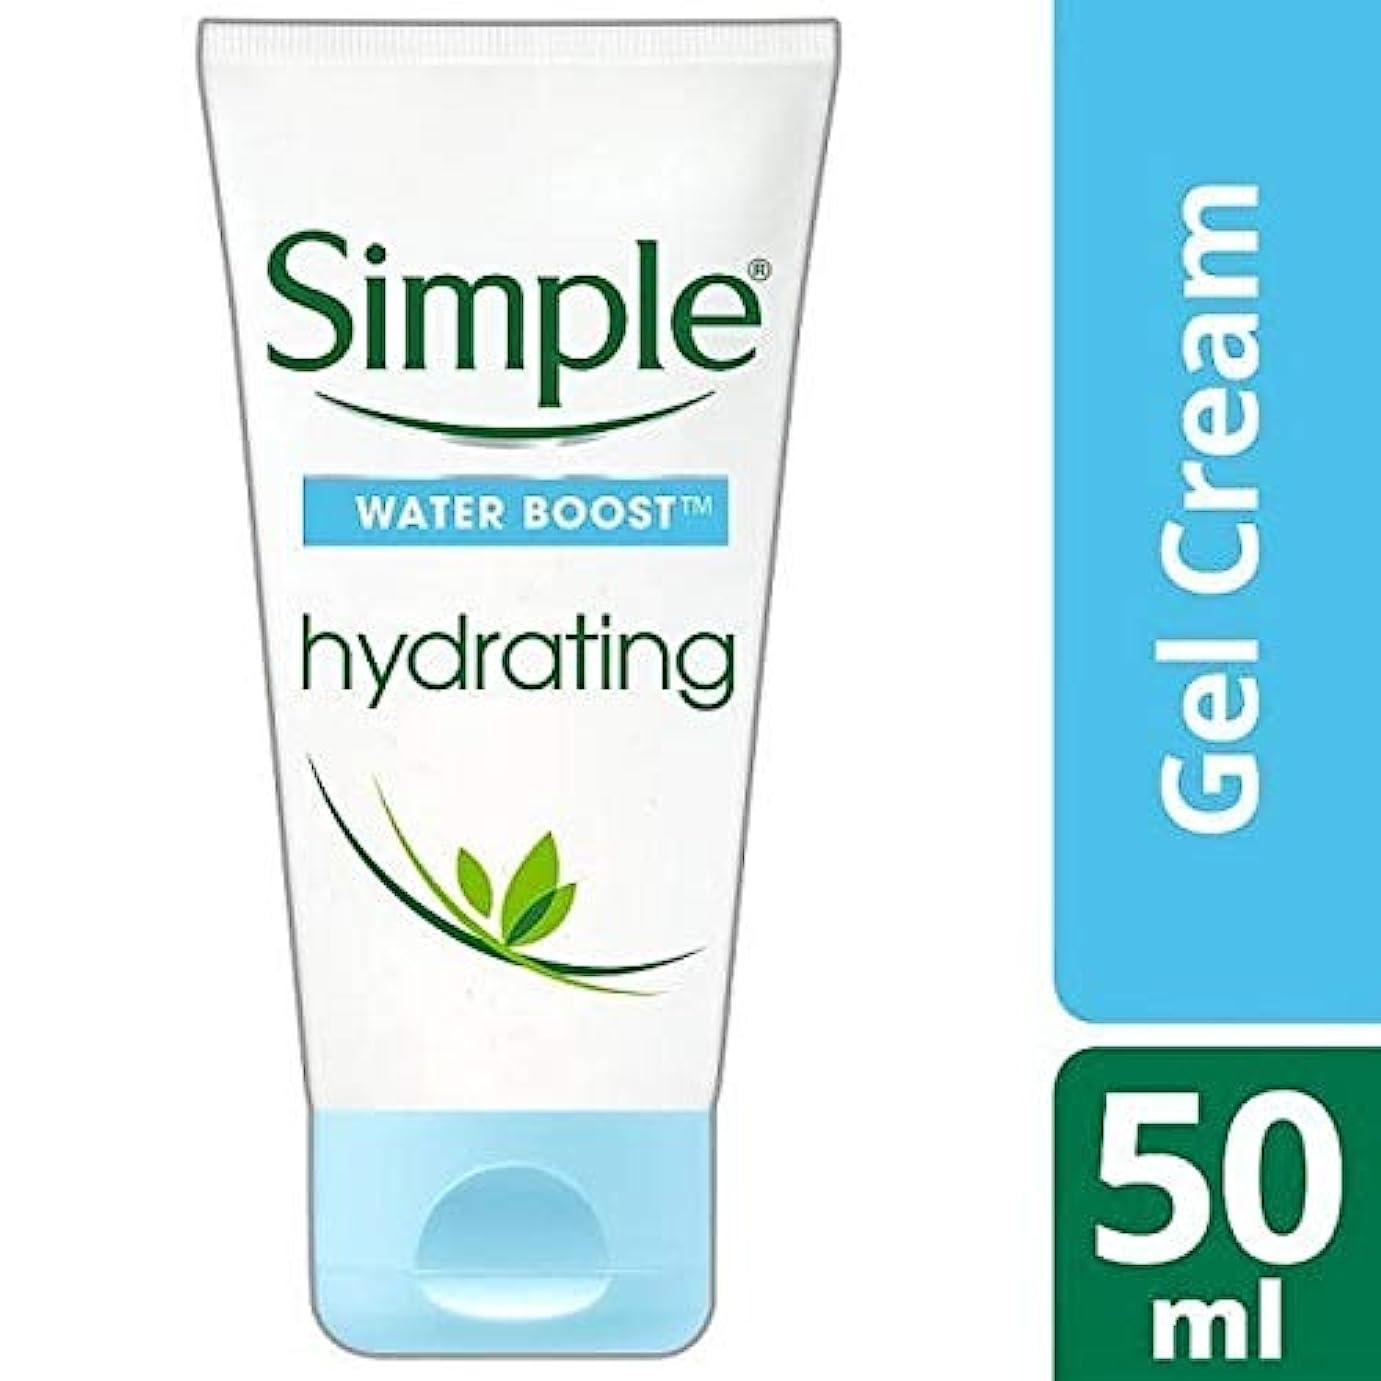 蛇行ベース湿気の多い[Simple ] シンプルな水ブースト水和ゲルフェイスクリーム50Ml - Simple Water Boost Hydrating Gel Face Cream 50ml [並行輸入品]